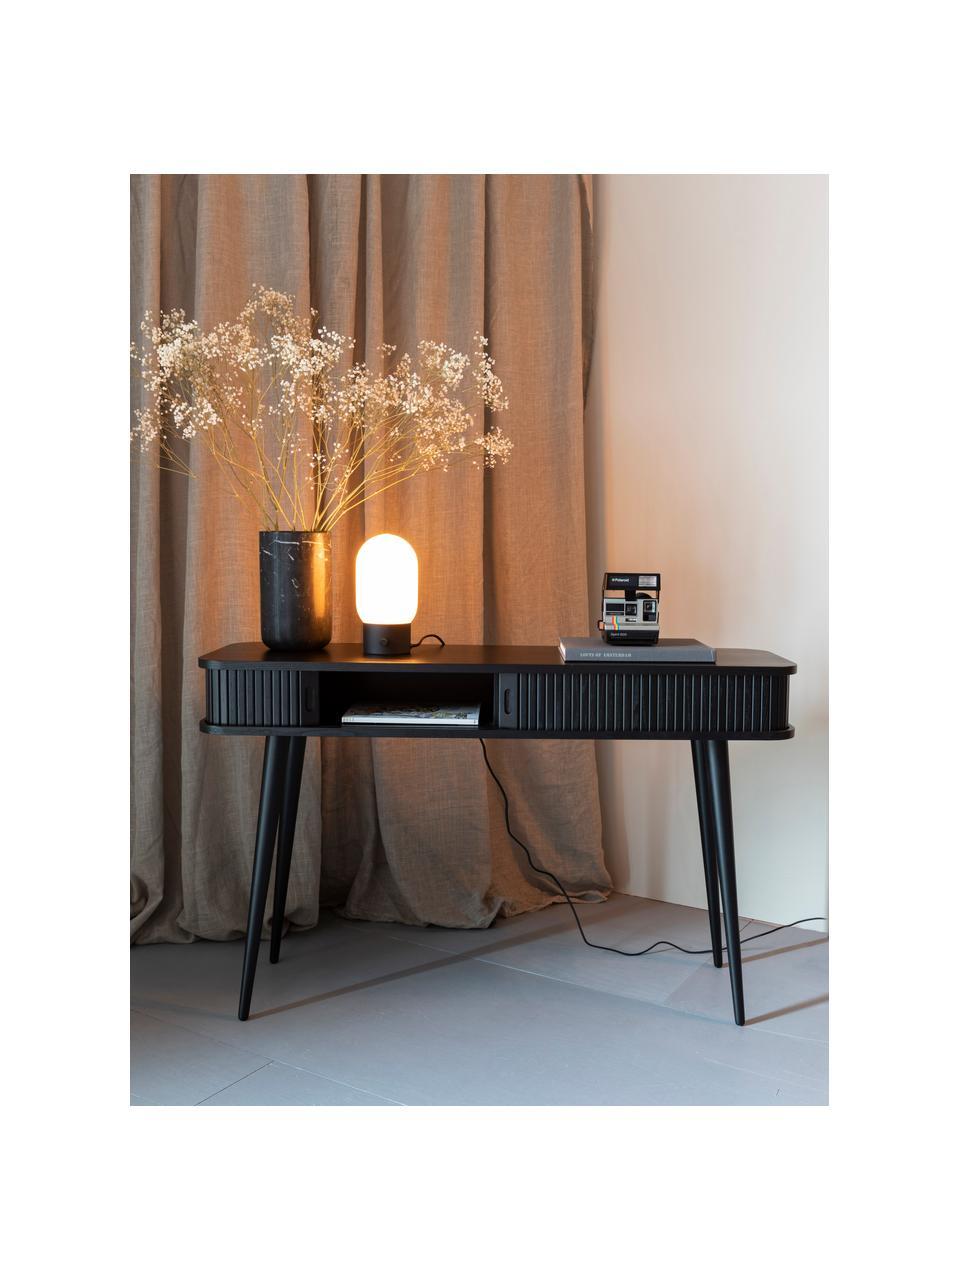 Klein dimbaar nachtlampje Urban met USB-aansluiting, Lampenkap: opaalglas, Lampvoet: gecoat metaal, Zwart, wit, Ø 13 x H 25 cm